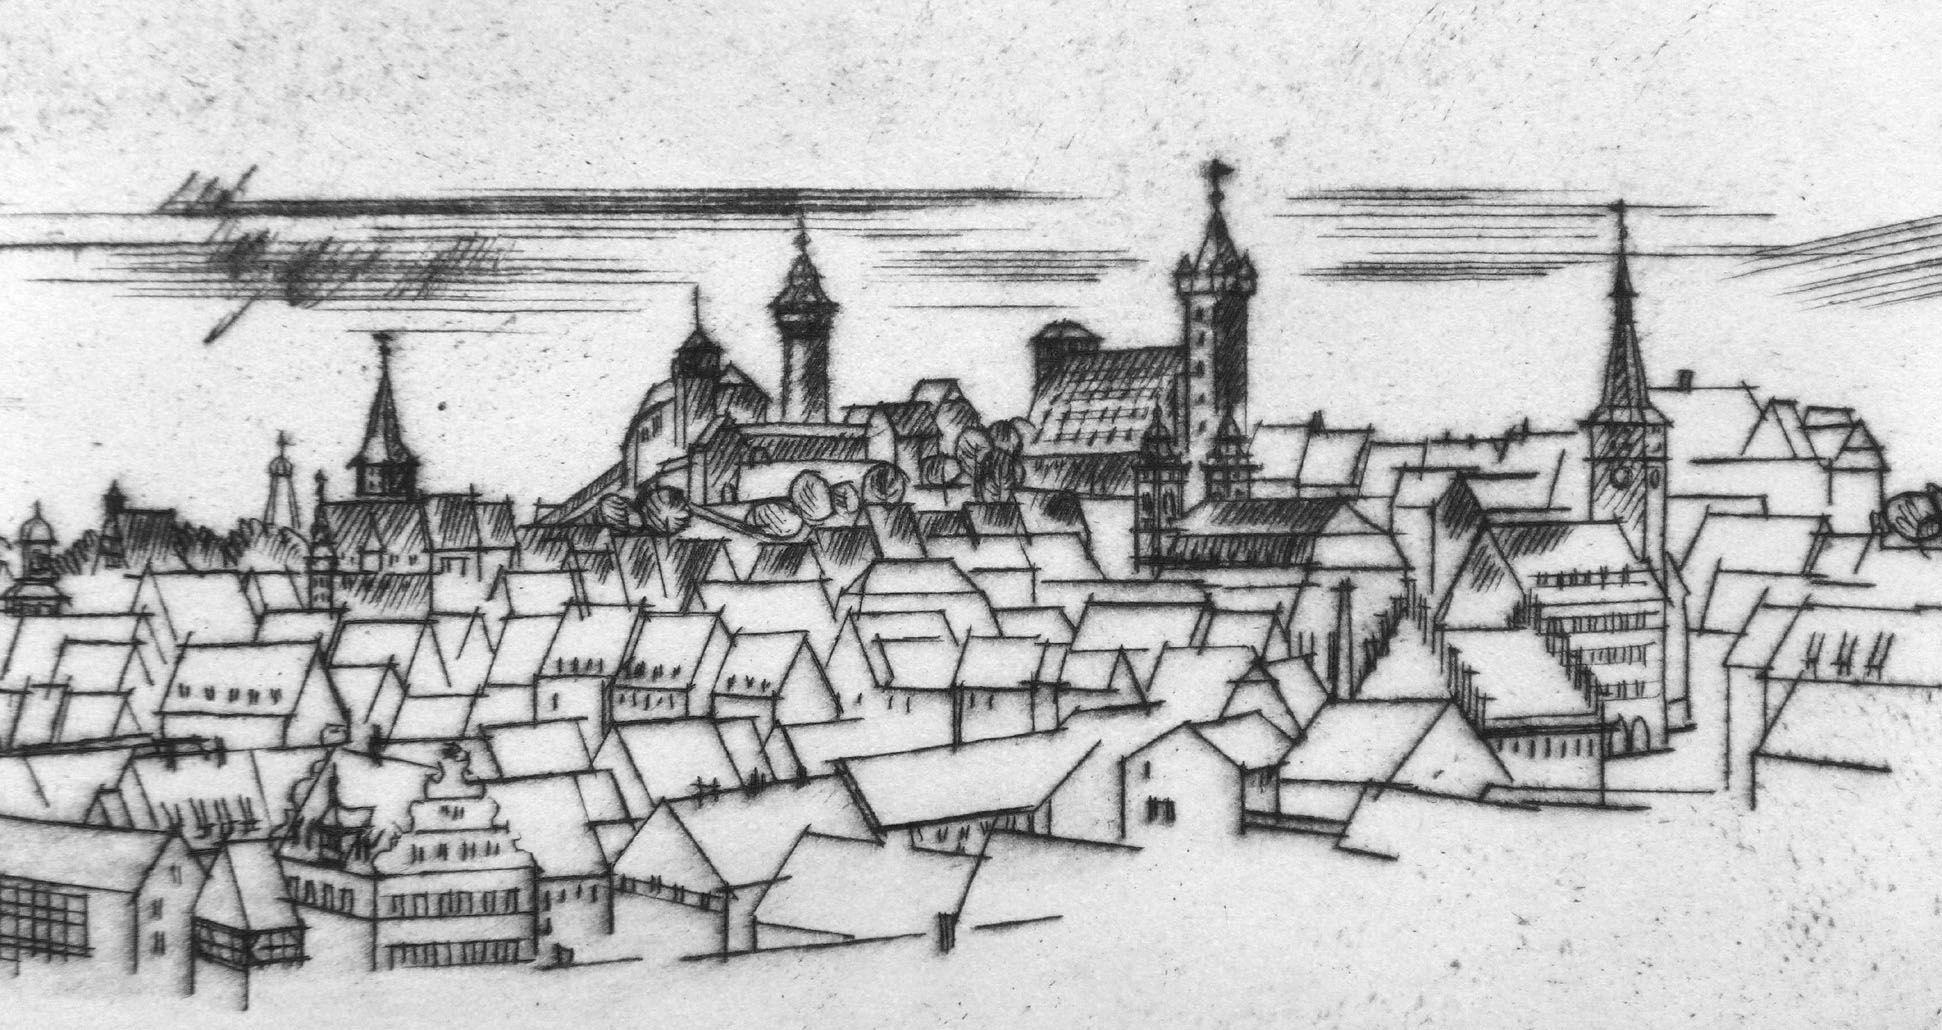 Sankt Sebalduskirche in Nürnberg, 600 Jahre Hallenchor, 1379 - 1979 Stadtansicht am unteren Bildrand, Details vom Tiergärtnertor bis Laufer Schlagturm